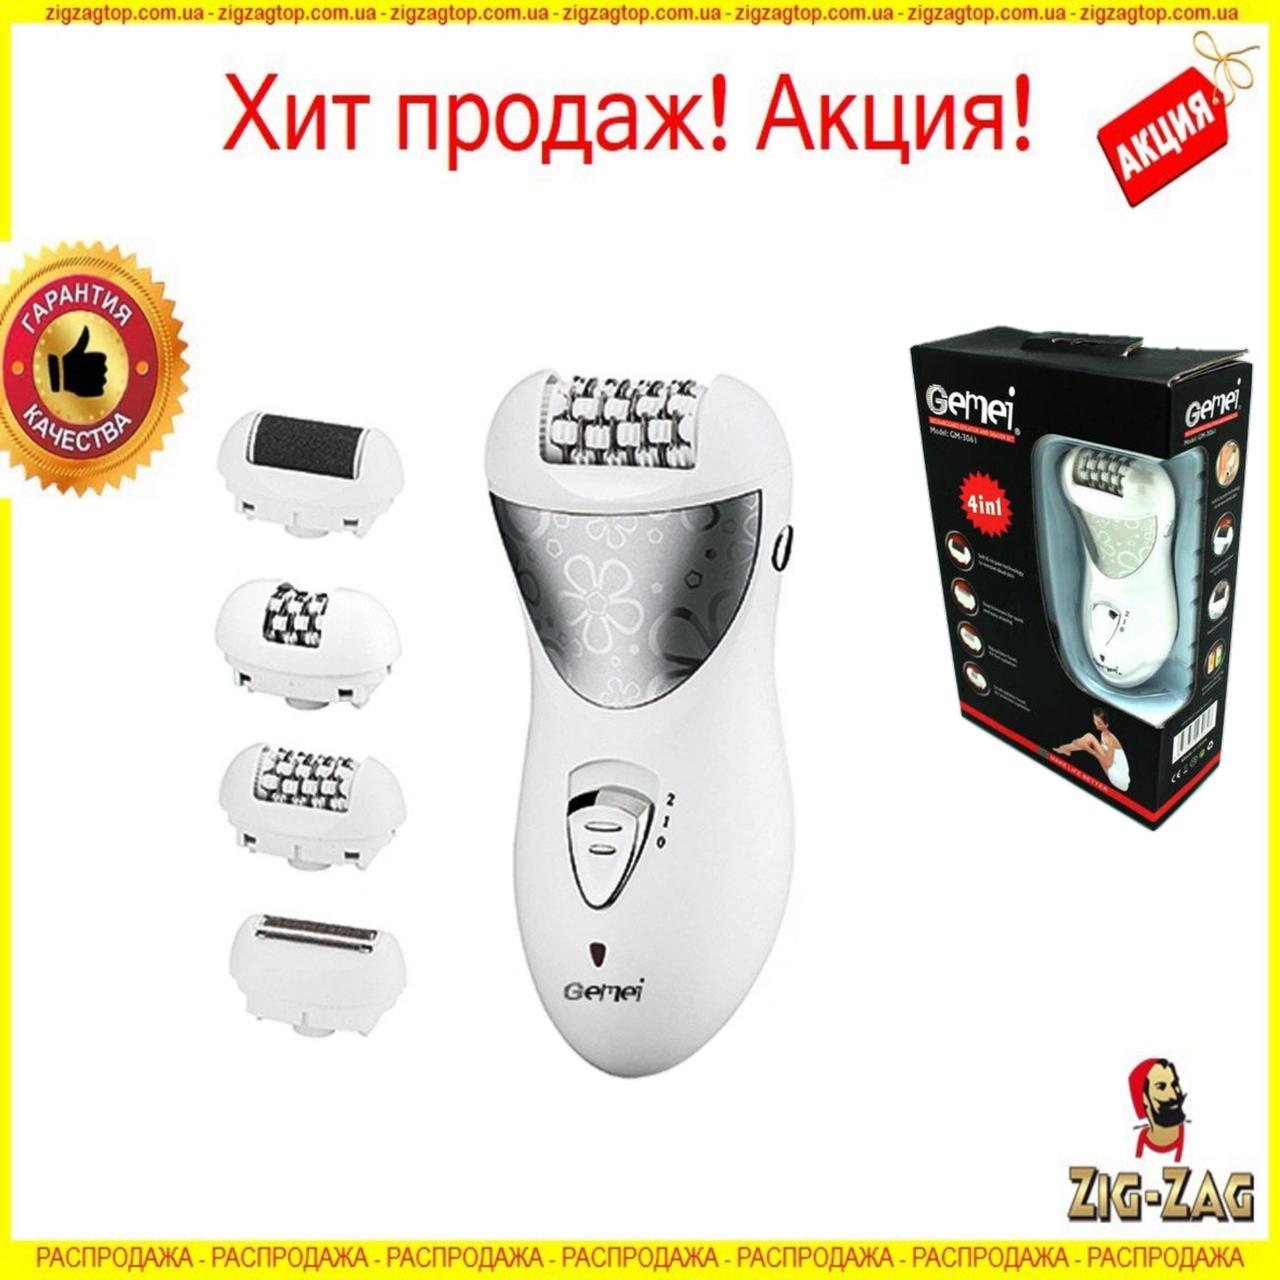 Епілятор жіночий Gemei GM-3061 4в1. епилятор пемза з акумулятором бритва для догляду за всім тілом NEW!